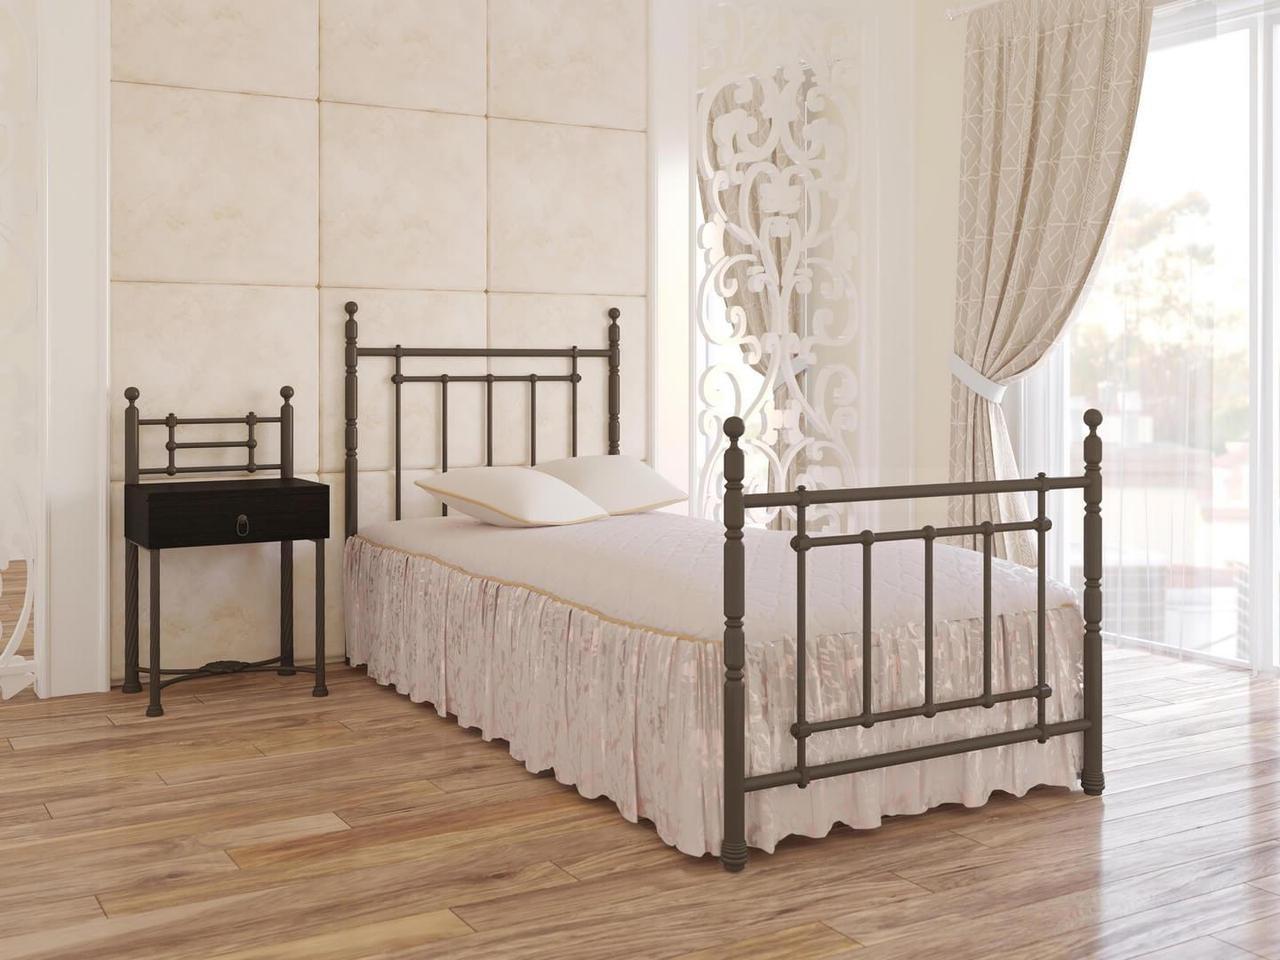 Кровать Неаполь Мини 90*190 серый песок (Металл дизайн)